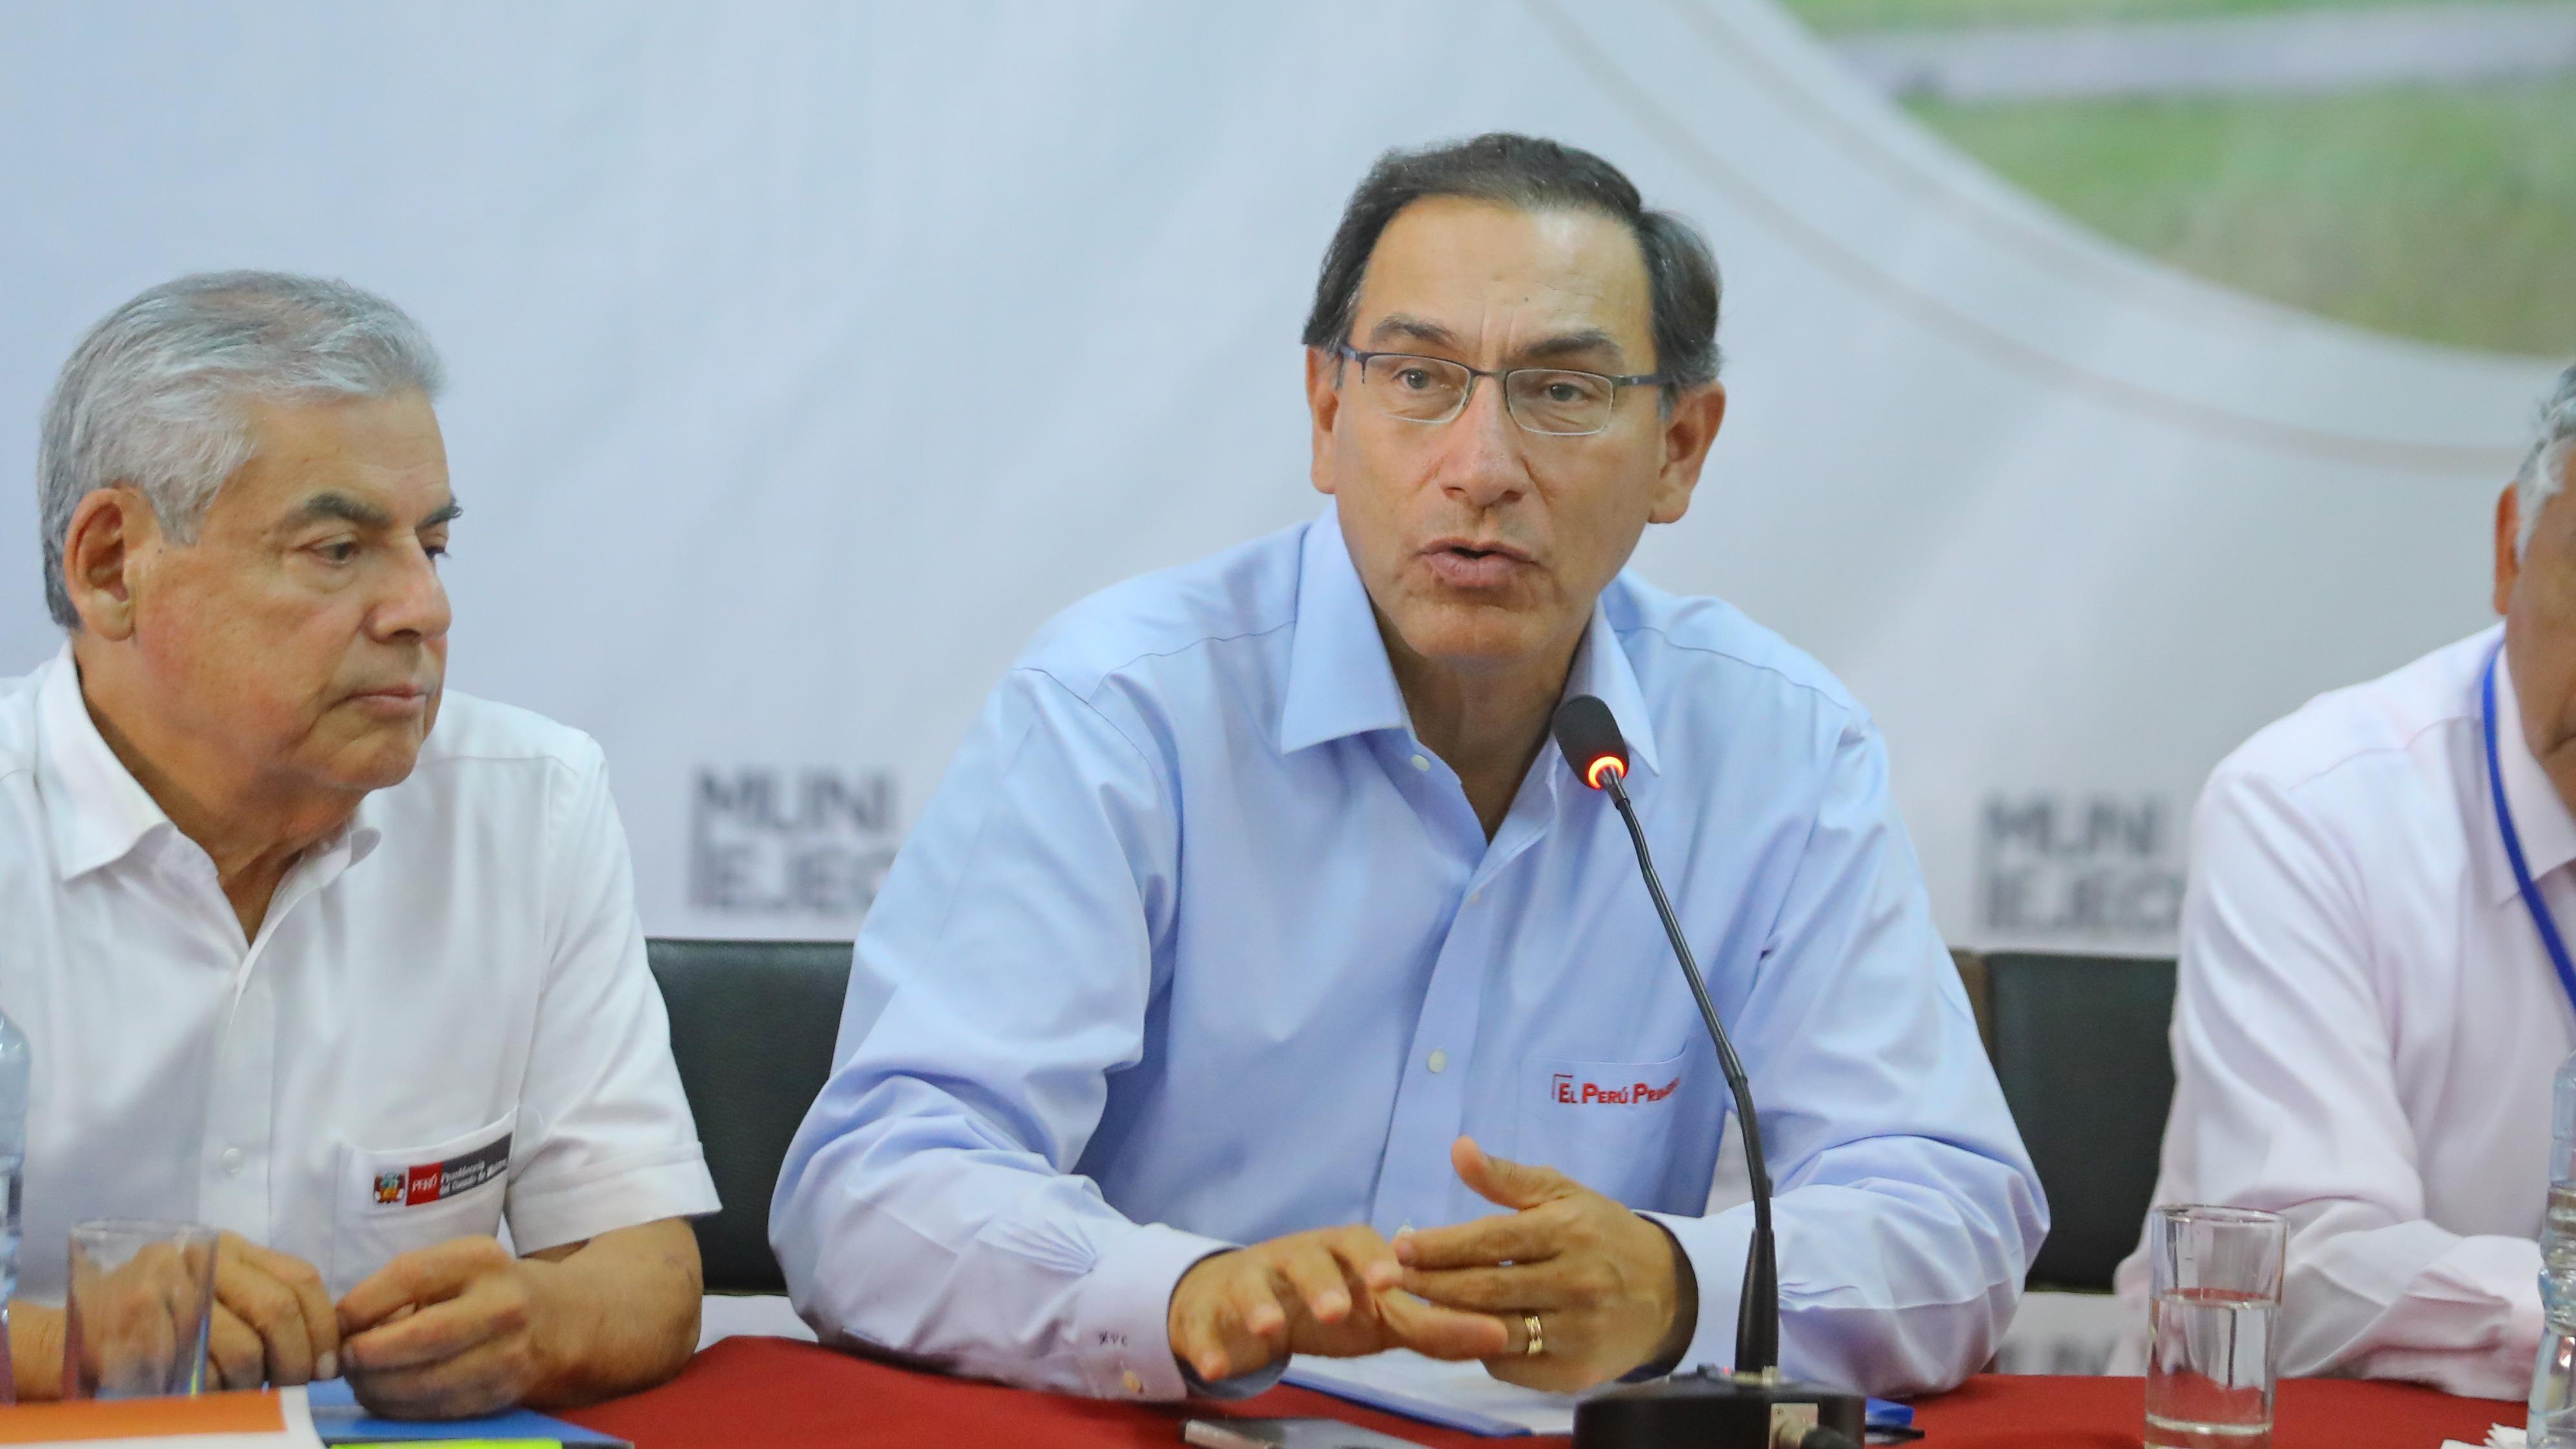 Presidente Vizcarra brinda conferencia de prensa tras finalizar Muni Ejecutivo en Chimbote (Áncash).